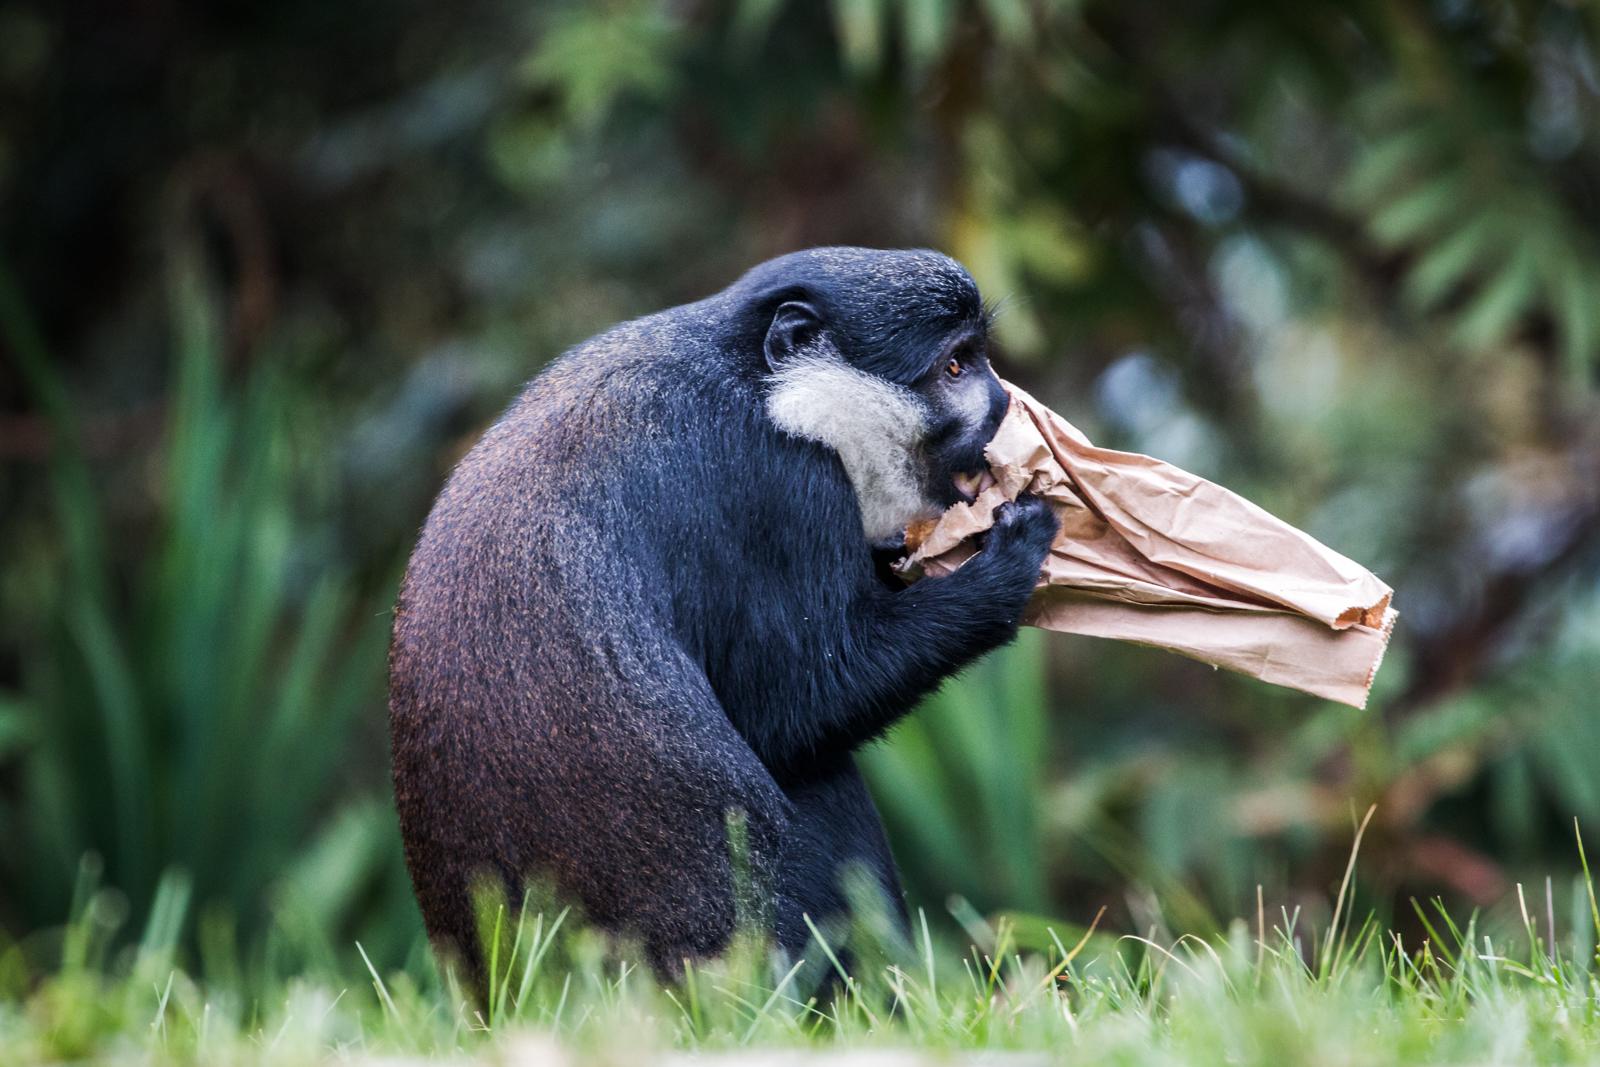 Hyperventalating Monkey